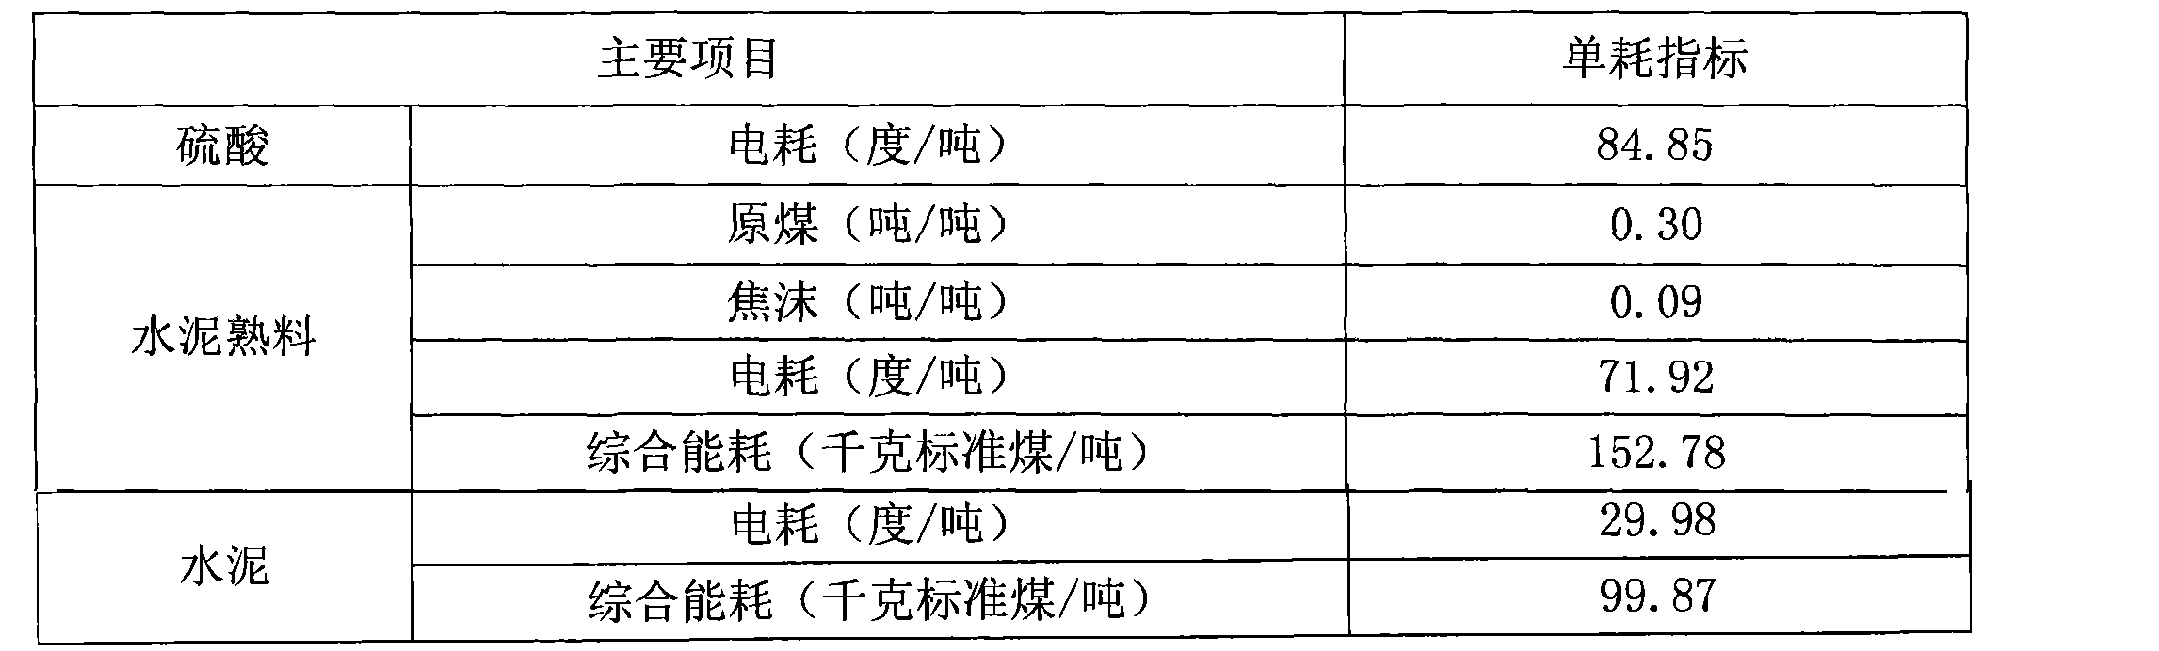 Figure CN101343047BD00114